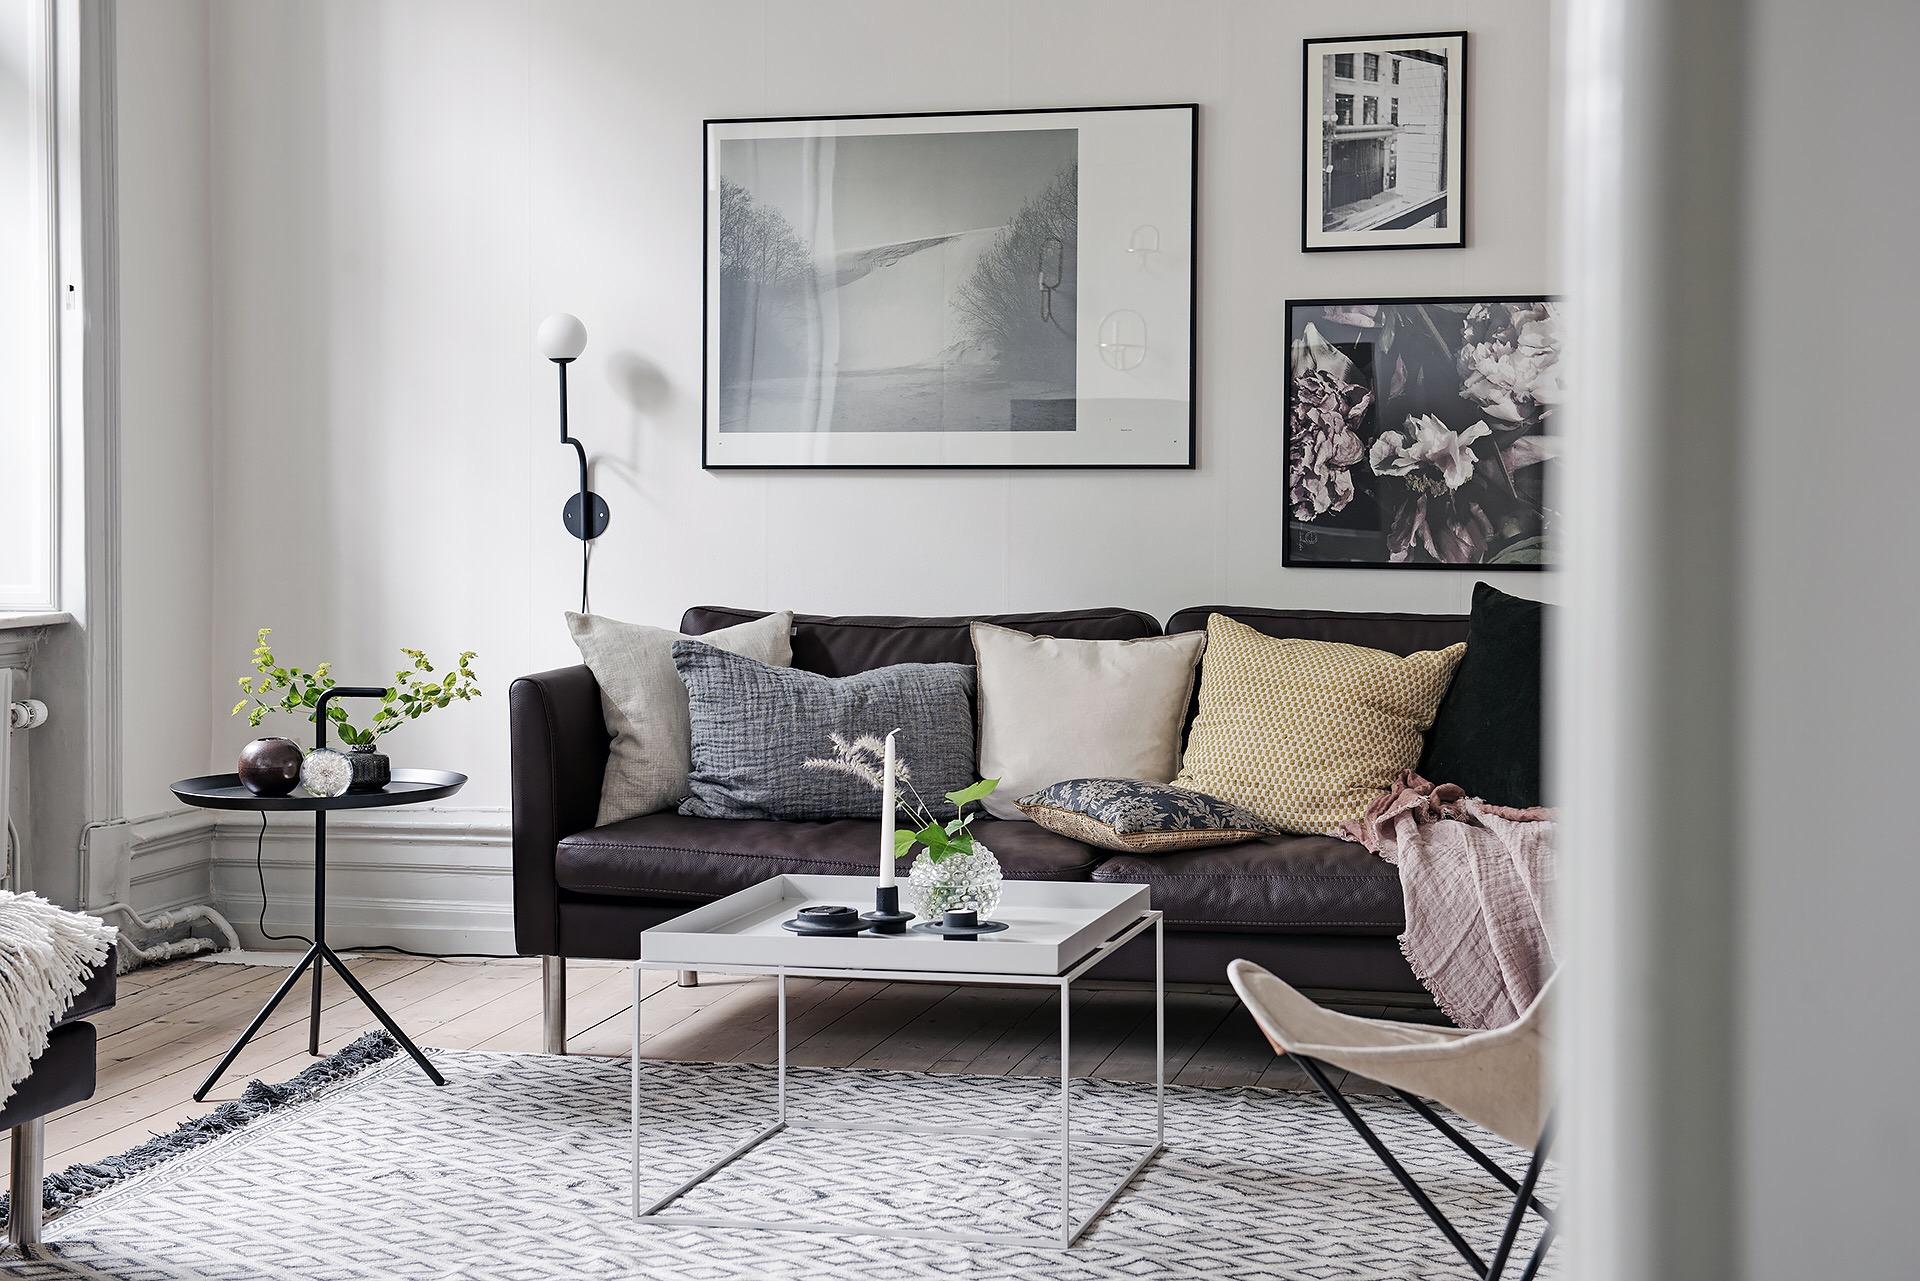 гостиная диван подушки кресло столик ковер